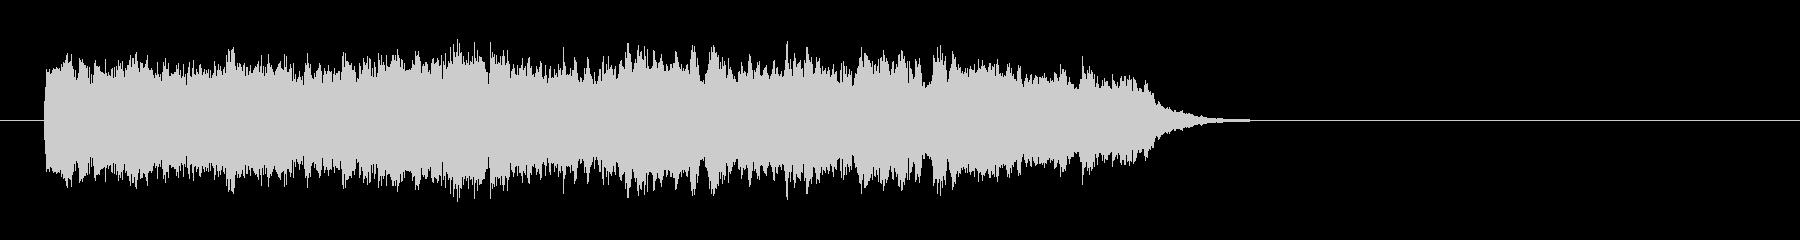 ウェディング風バラード(サビ)の未再生の波形